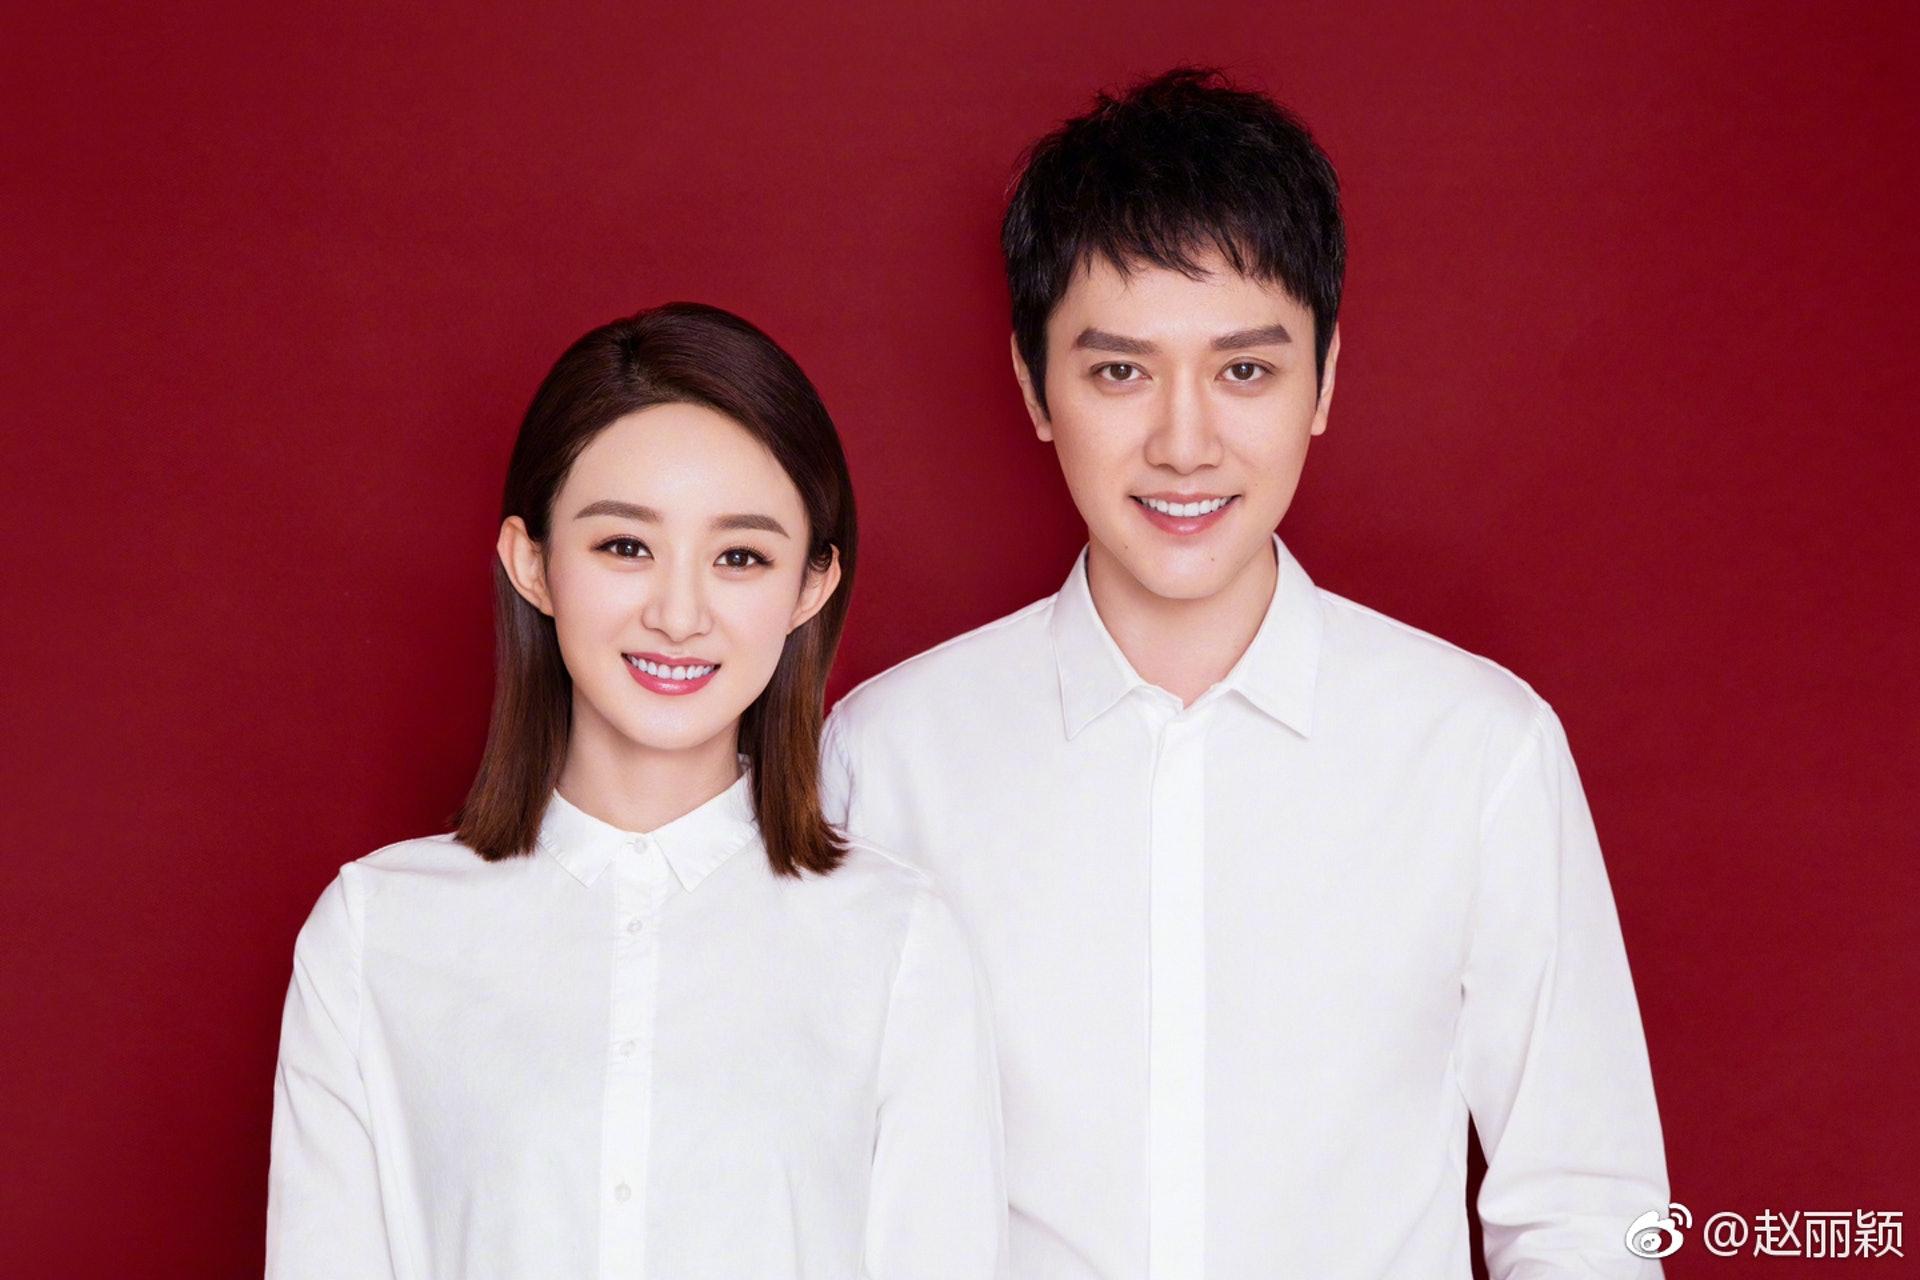 內地女星趙麗穎和男星馮紹峰去年10月毫無預警地在微博突然宣佈已領證結婚,由螢幕情侶昇華做真夫妻。(趙麗穎微博)